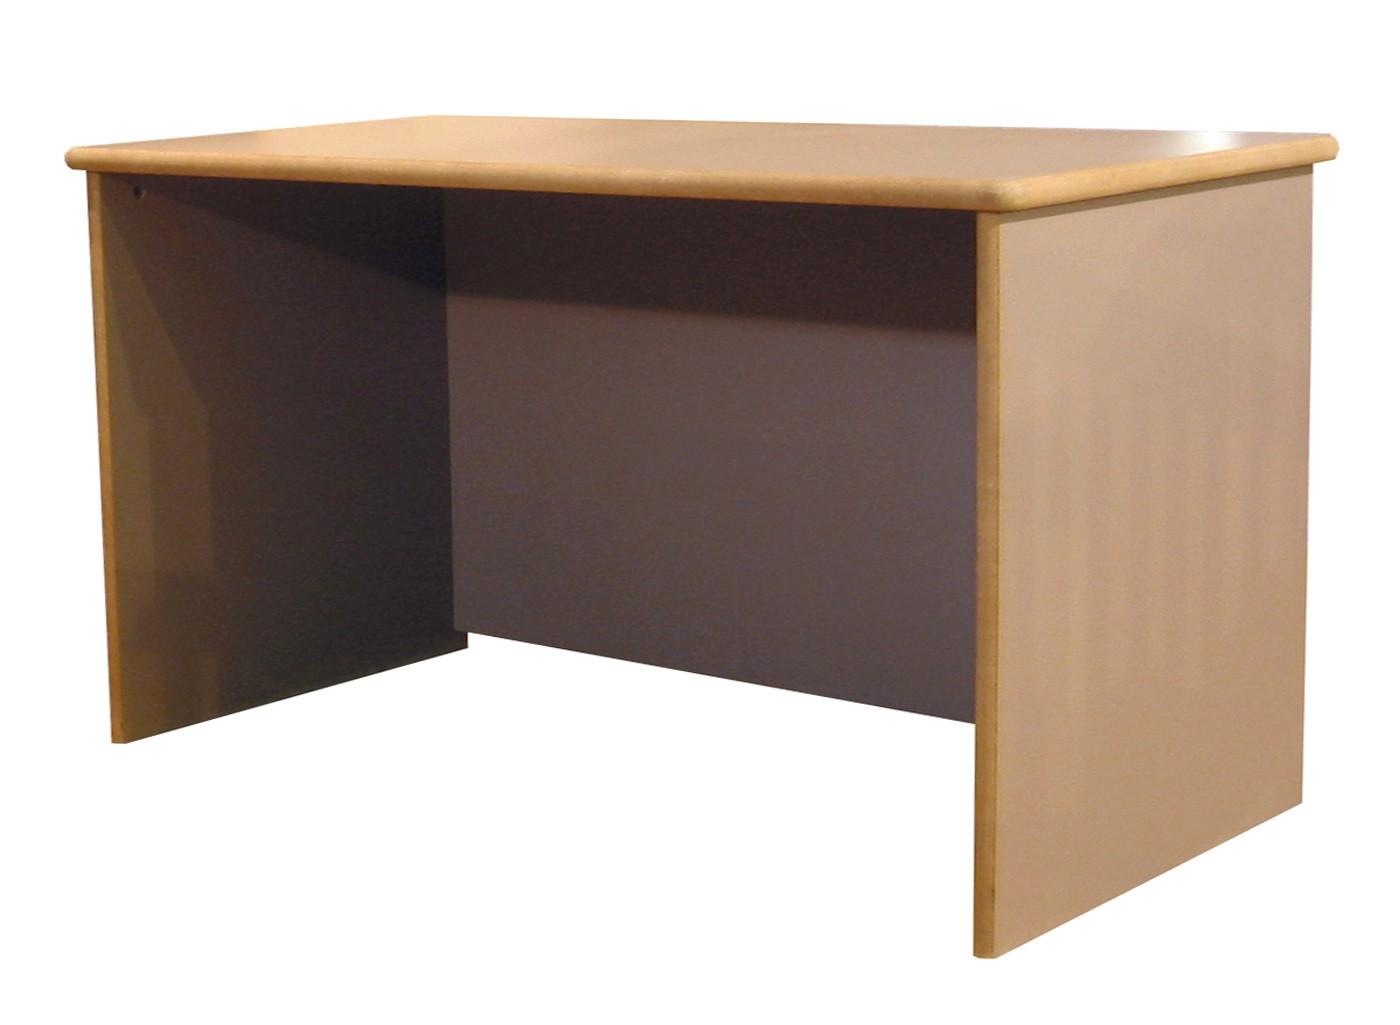 Bureau C, largeur 138 cm x hauteur 75 cm